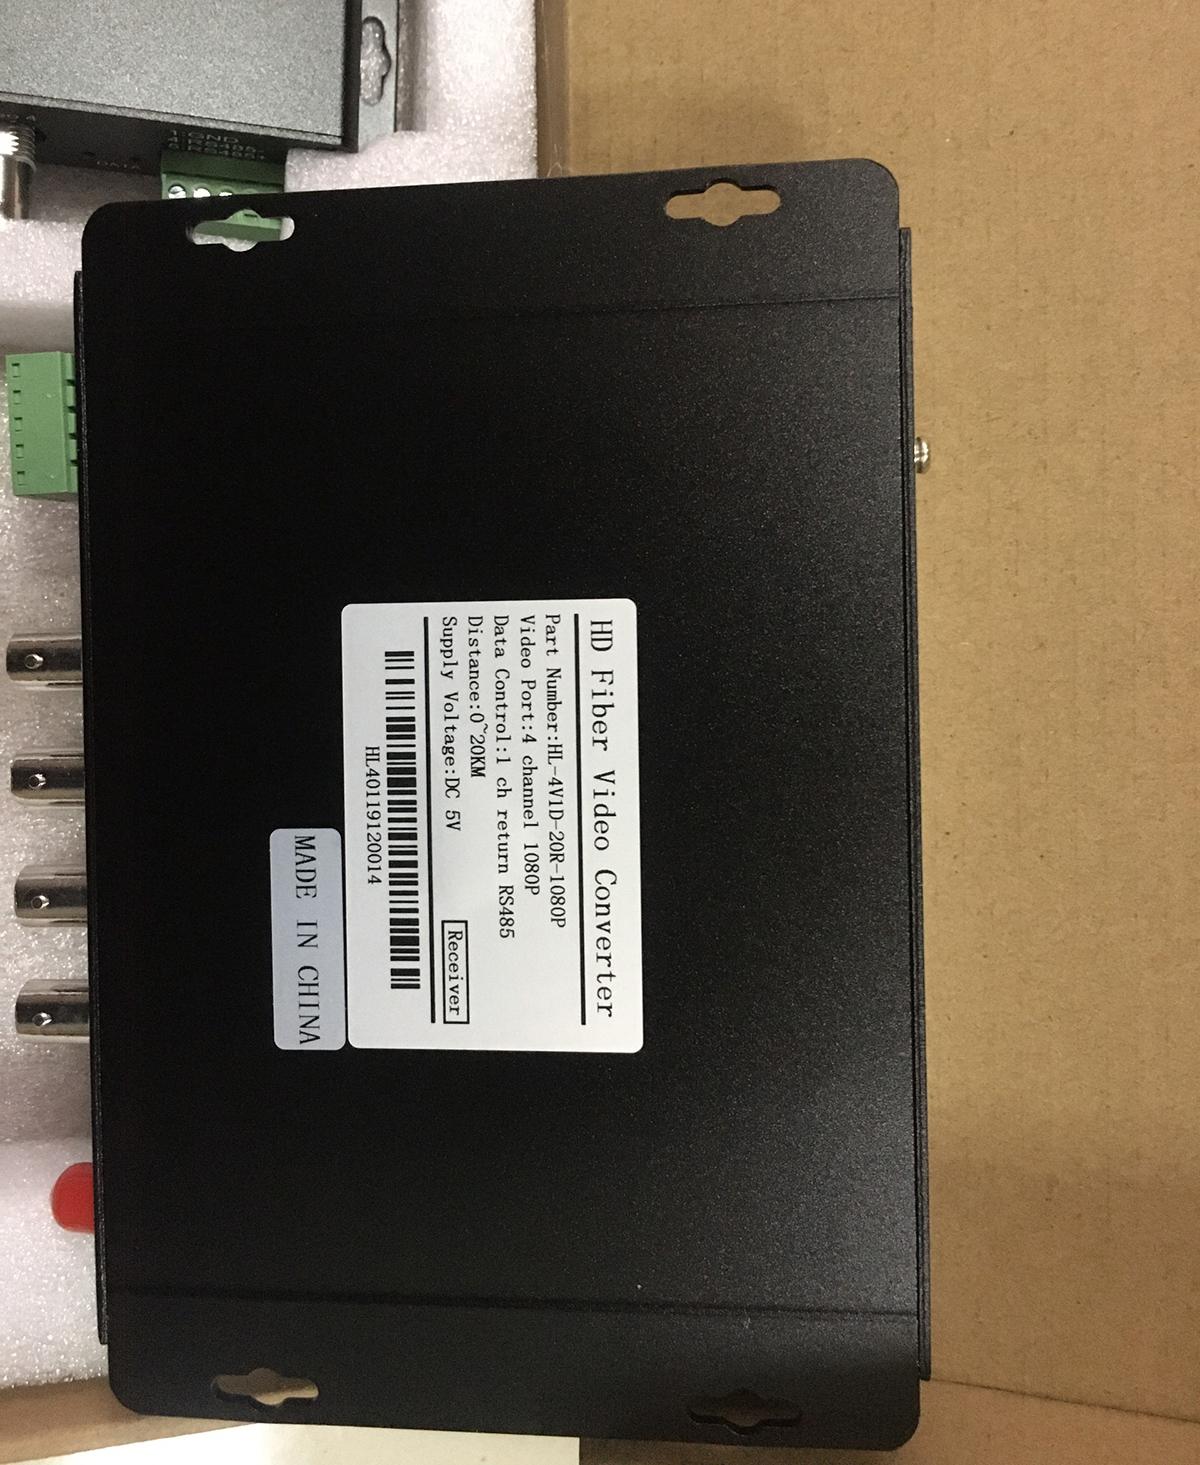 Bộ chuyển đổi video sang quang 4 kênh GNETCOM HL-4V1D-20T/R-1080P (2 thiết bị,2 adapter,Cổng điều khiển) - Hàng Chính Hãng